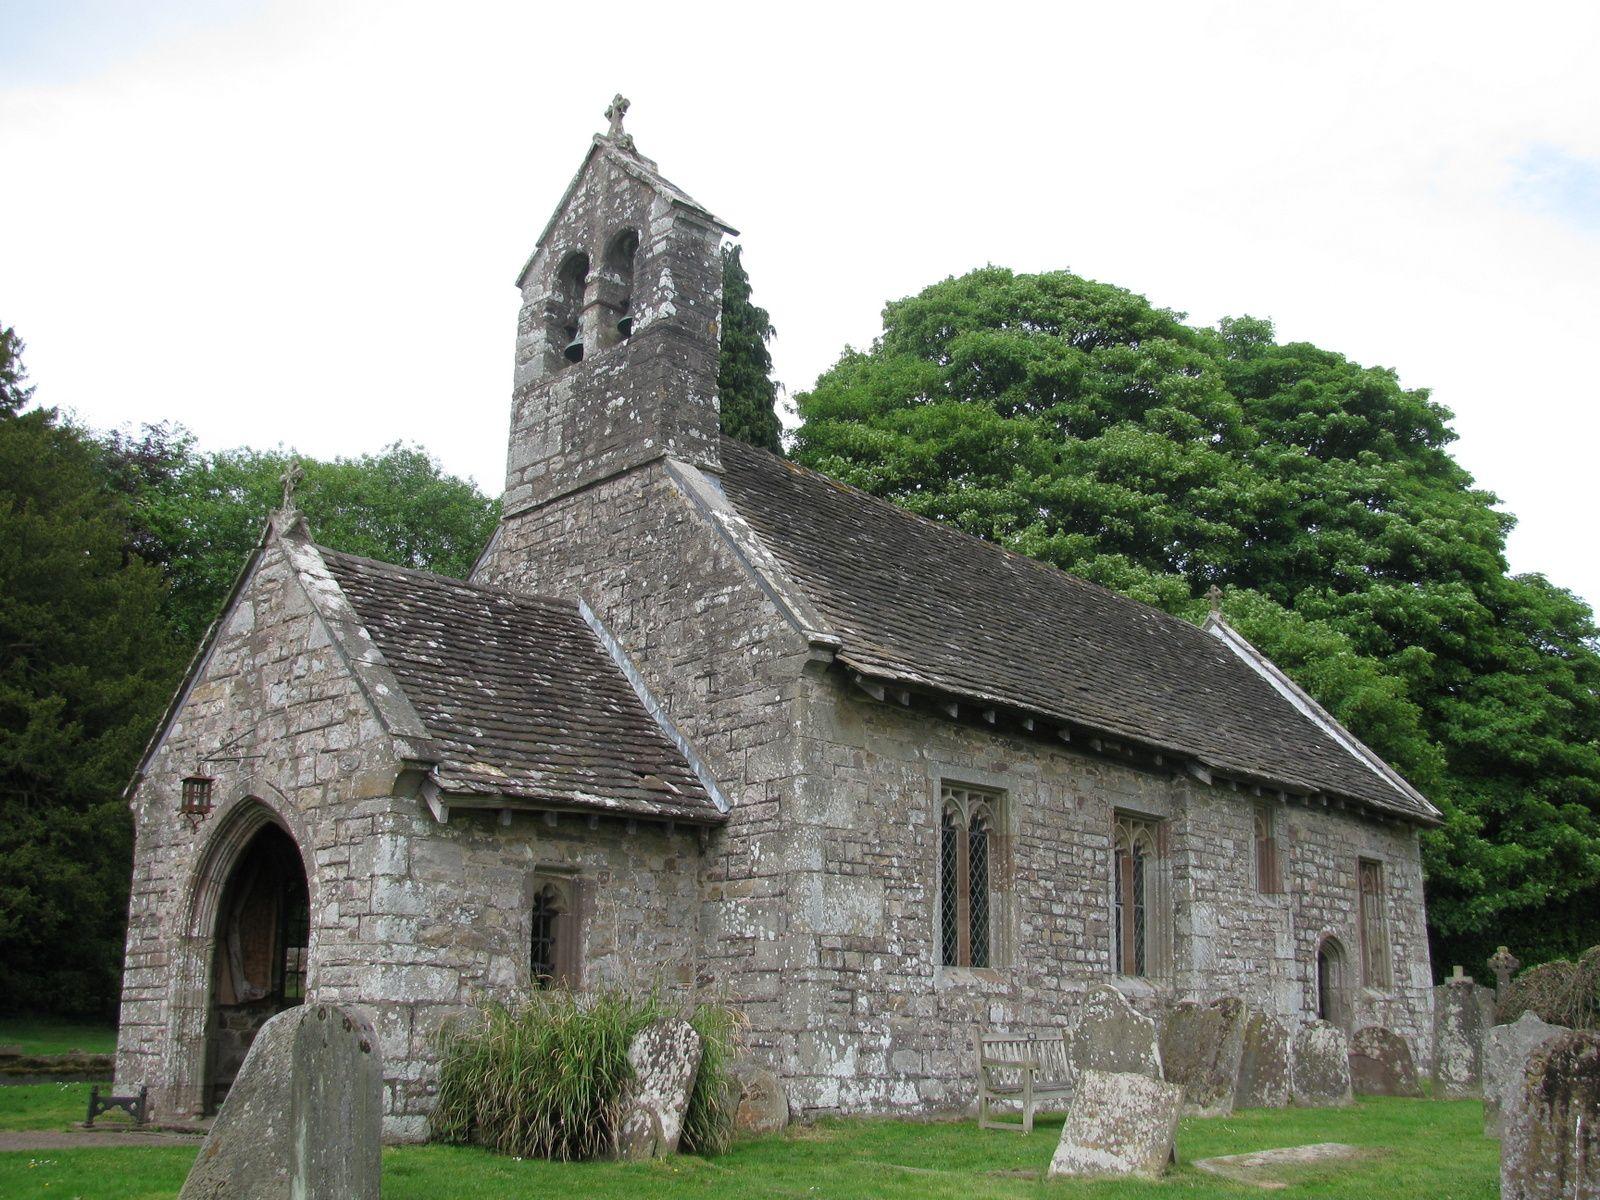 Betws Newydd church (dedication unknown). A small stone ...